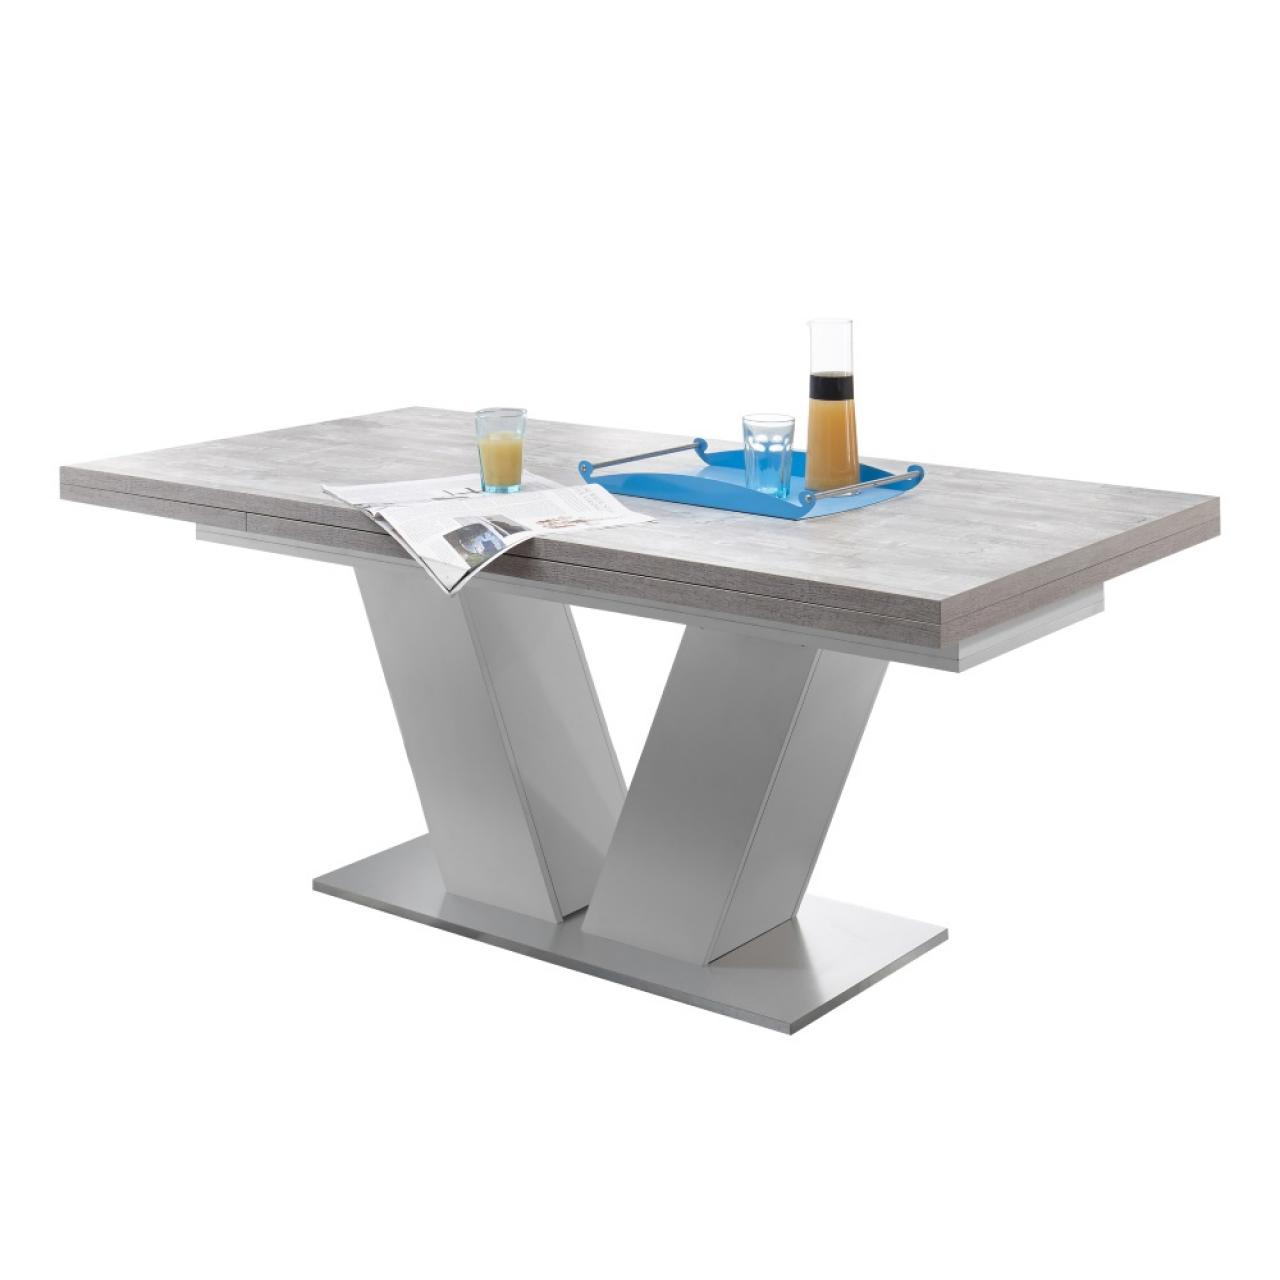 Tisch Betonoptik Esstisch Bandol 1 Kuchentisch Esszimmer Tisch